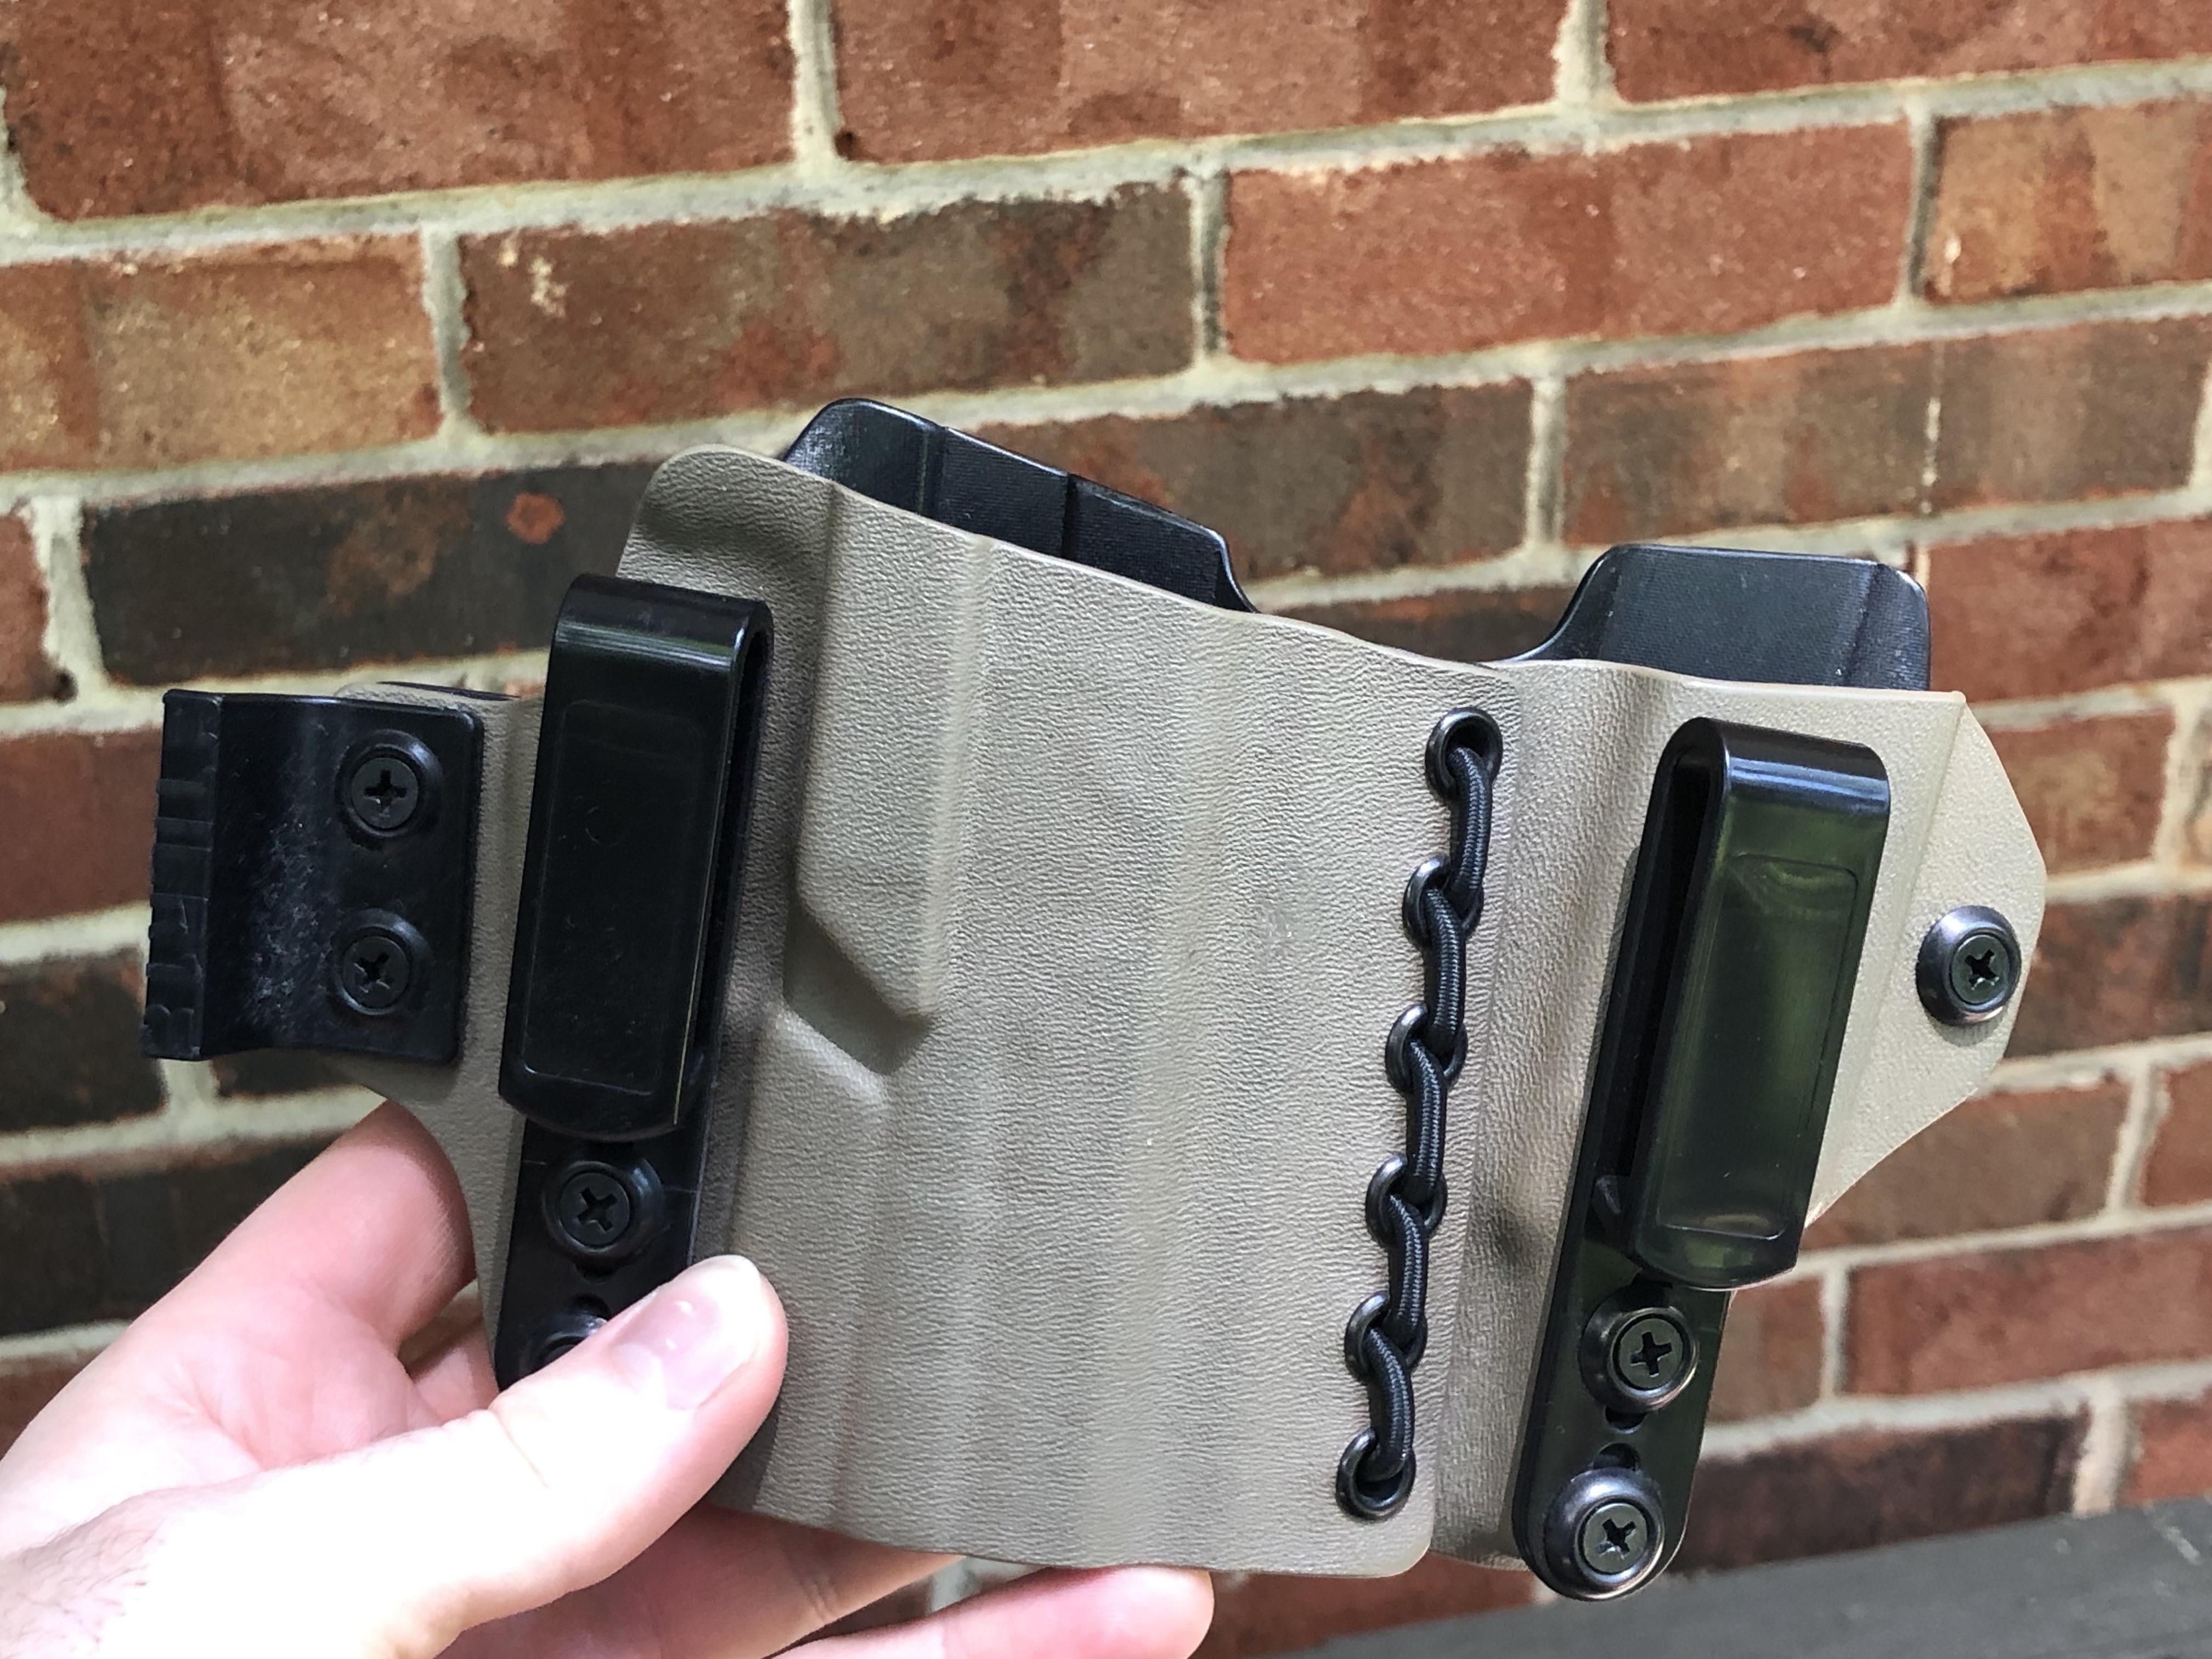 WTS - Like new T-Rex Arms Sidecar P30L appendix holster-k4rv7q2tnwzfvjdumvtlq.jpg